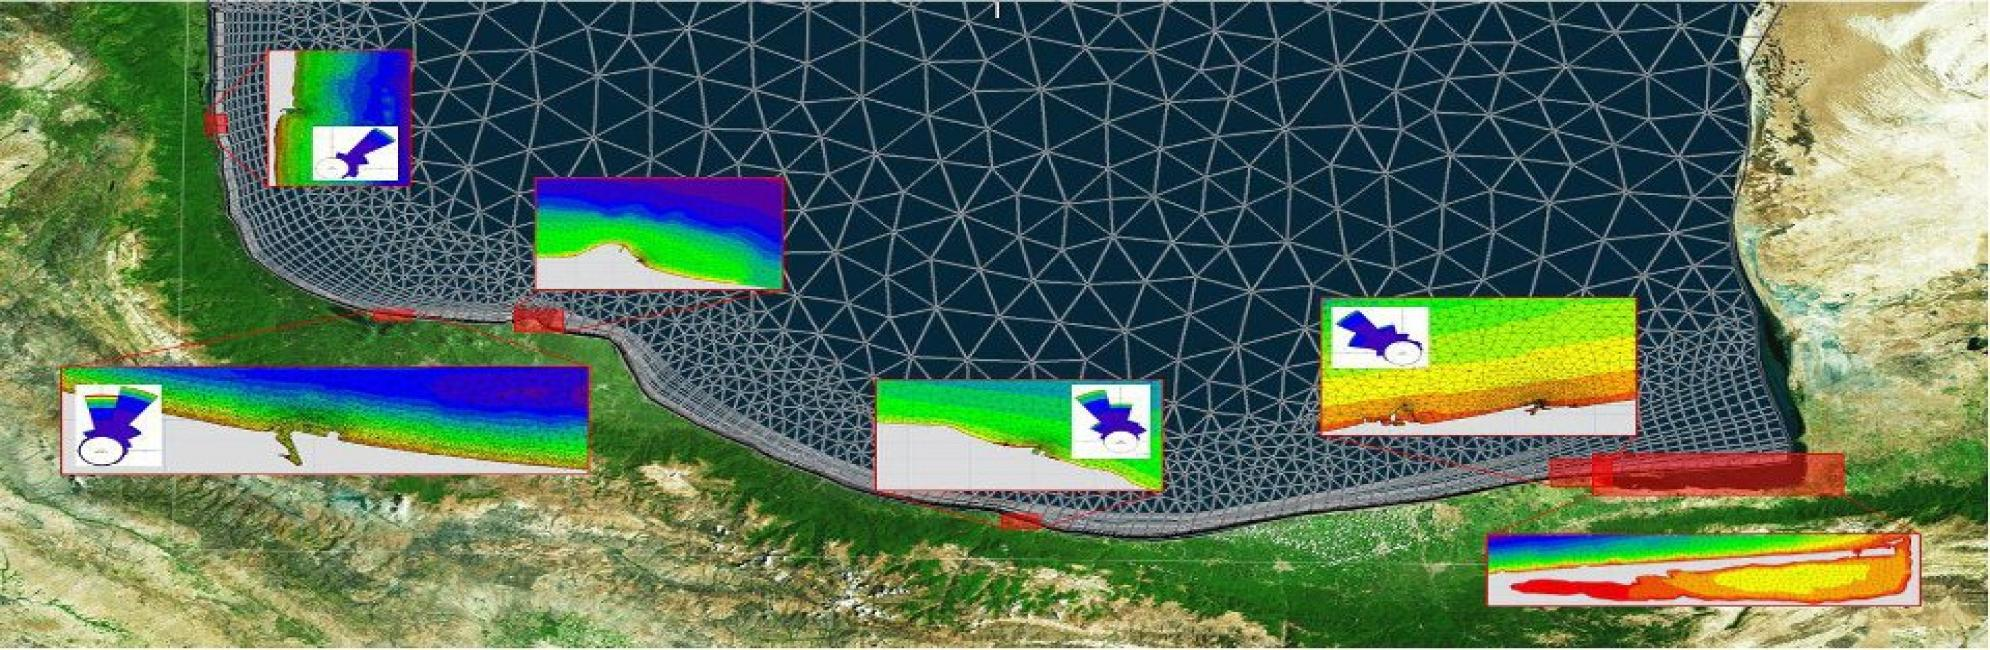 پروژه پایش و مطالعات  شبیه سازی  سواحل شمالی کشور